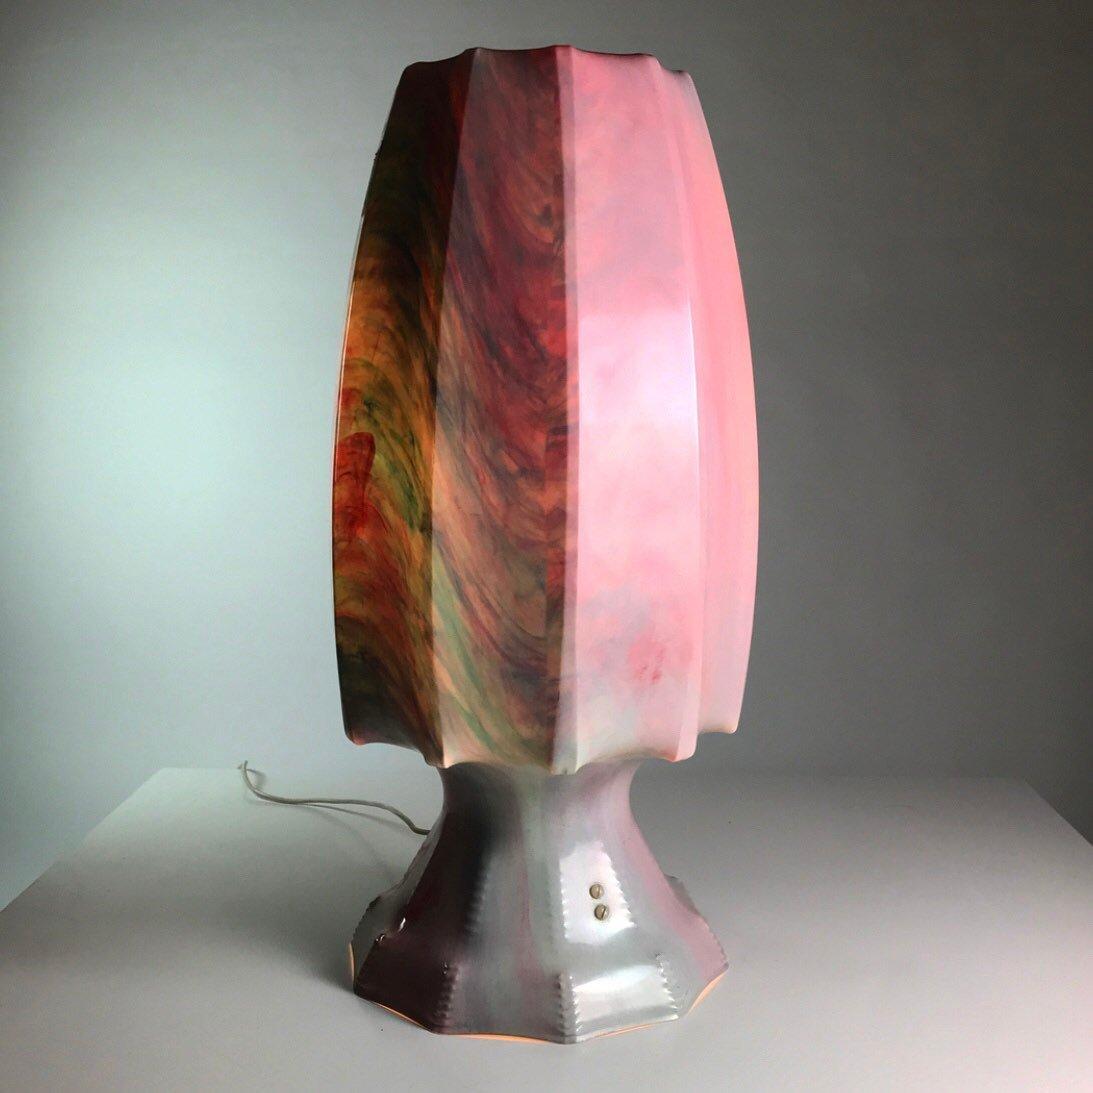 Space Age Vintage Stehlampe aus Kunststoff von ILKA